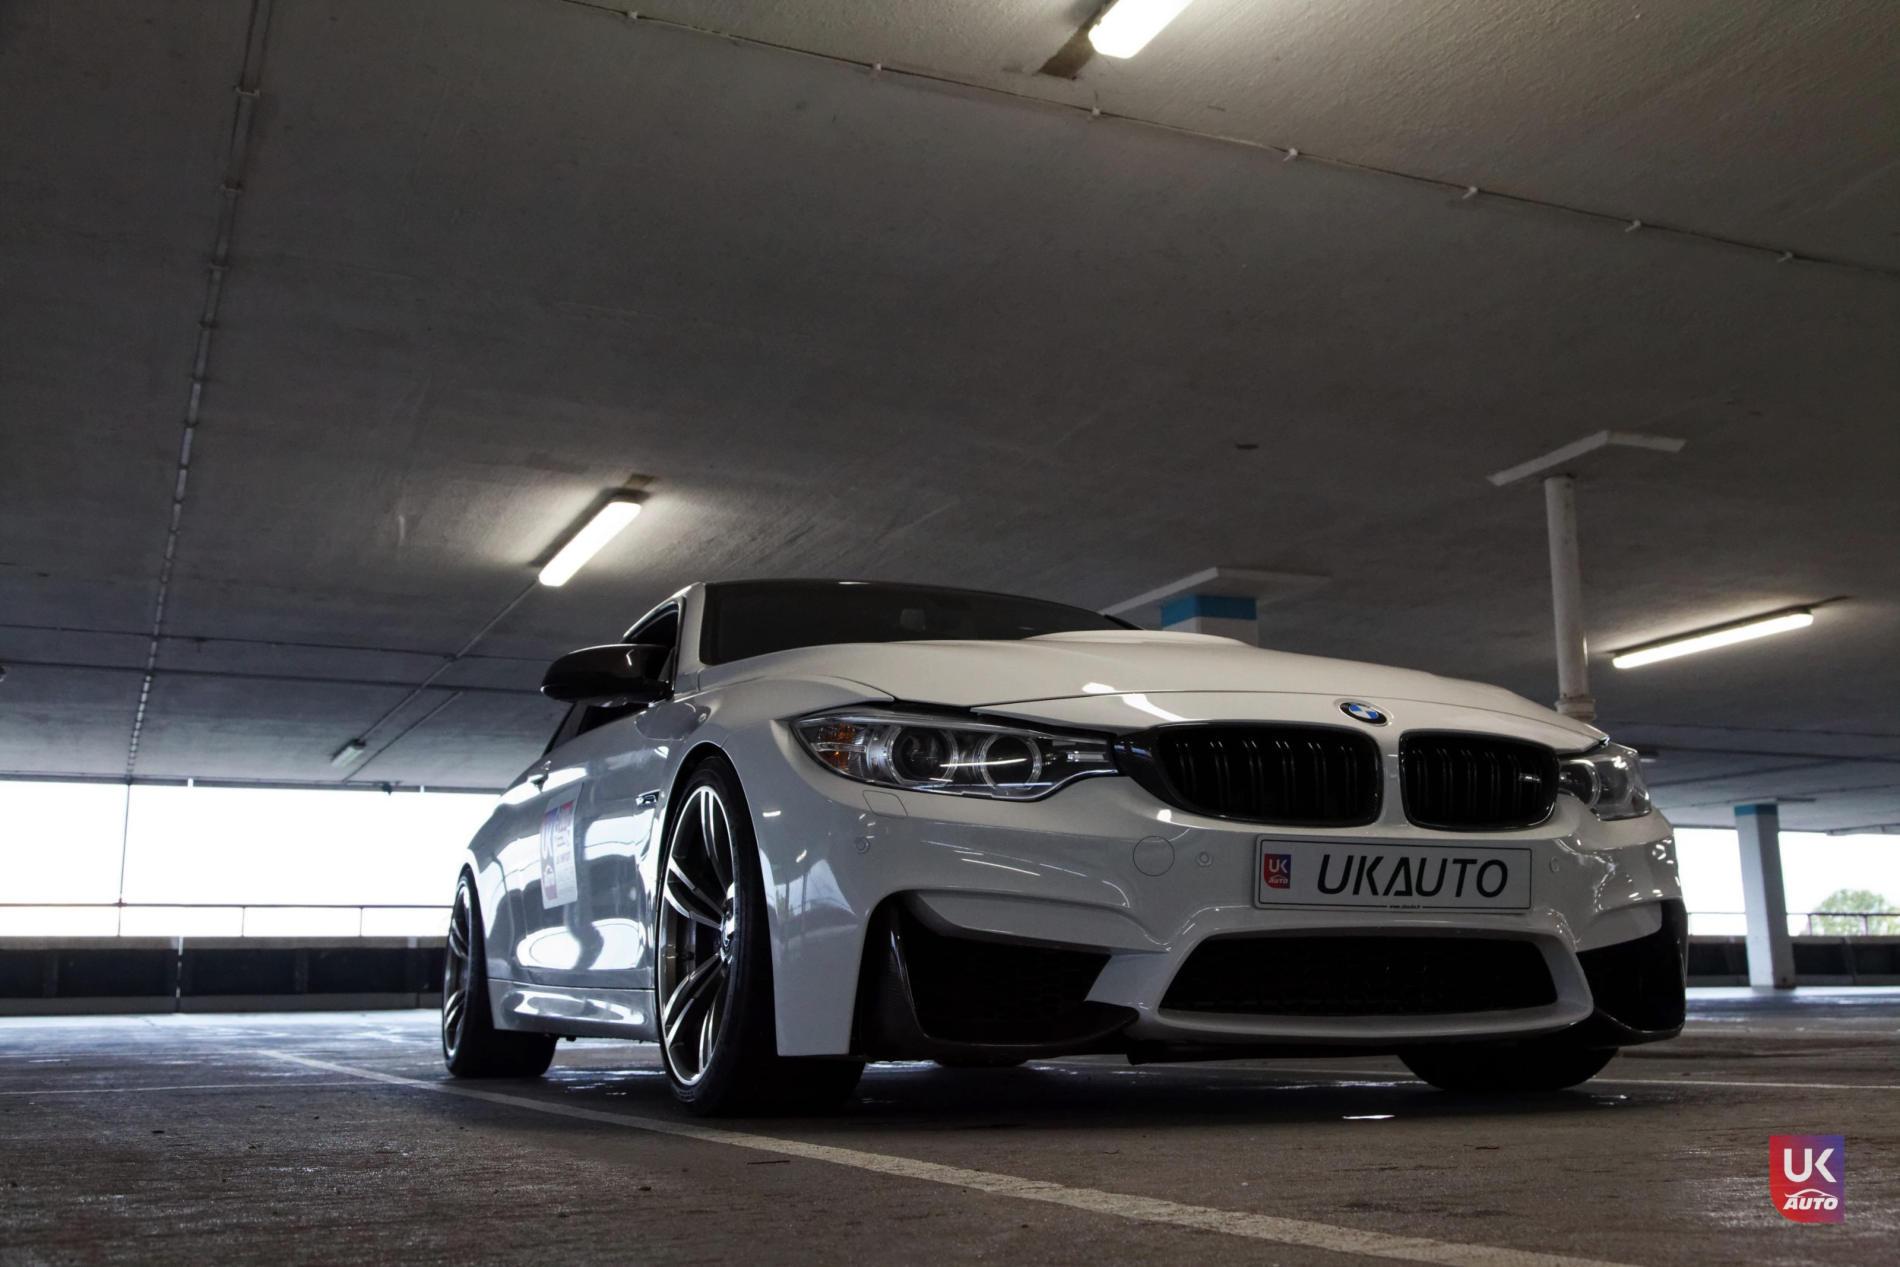 BMW M4 UK IMPORTATION M4 ANGLETERRE LIVRAISON DE CETTE BMW POUR NOTRE CLIENT POUR CETTE M4 RHD PAR UKAUTO6 - BMW M4 UK IMPORTATION M4 ANGLETERRE LIVRAISON DE CETTE BMW POUR NOTRE CLIENT POUR CETTE M4 RHD FELICITATION A FLORIAN